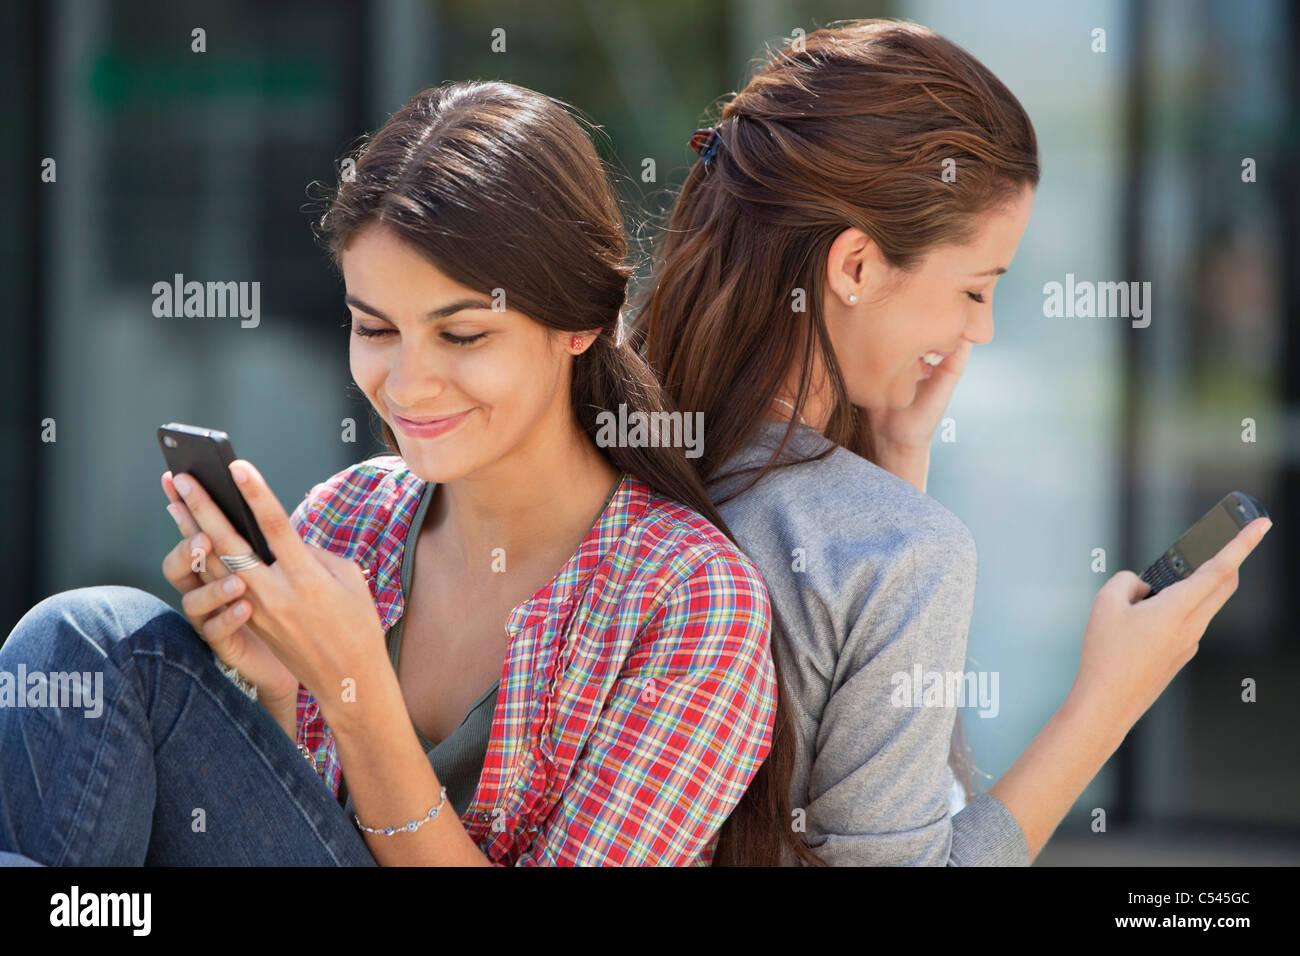 Dos mujeres jóvenes sentados espalda con espalda y mensajería de texto Imagen De Stock